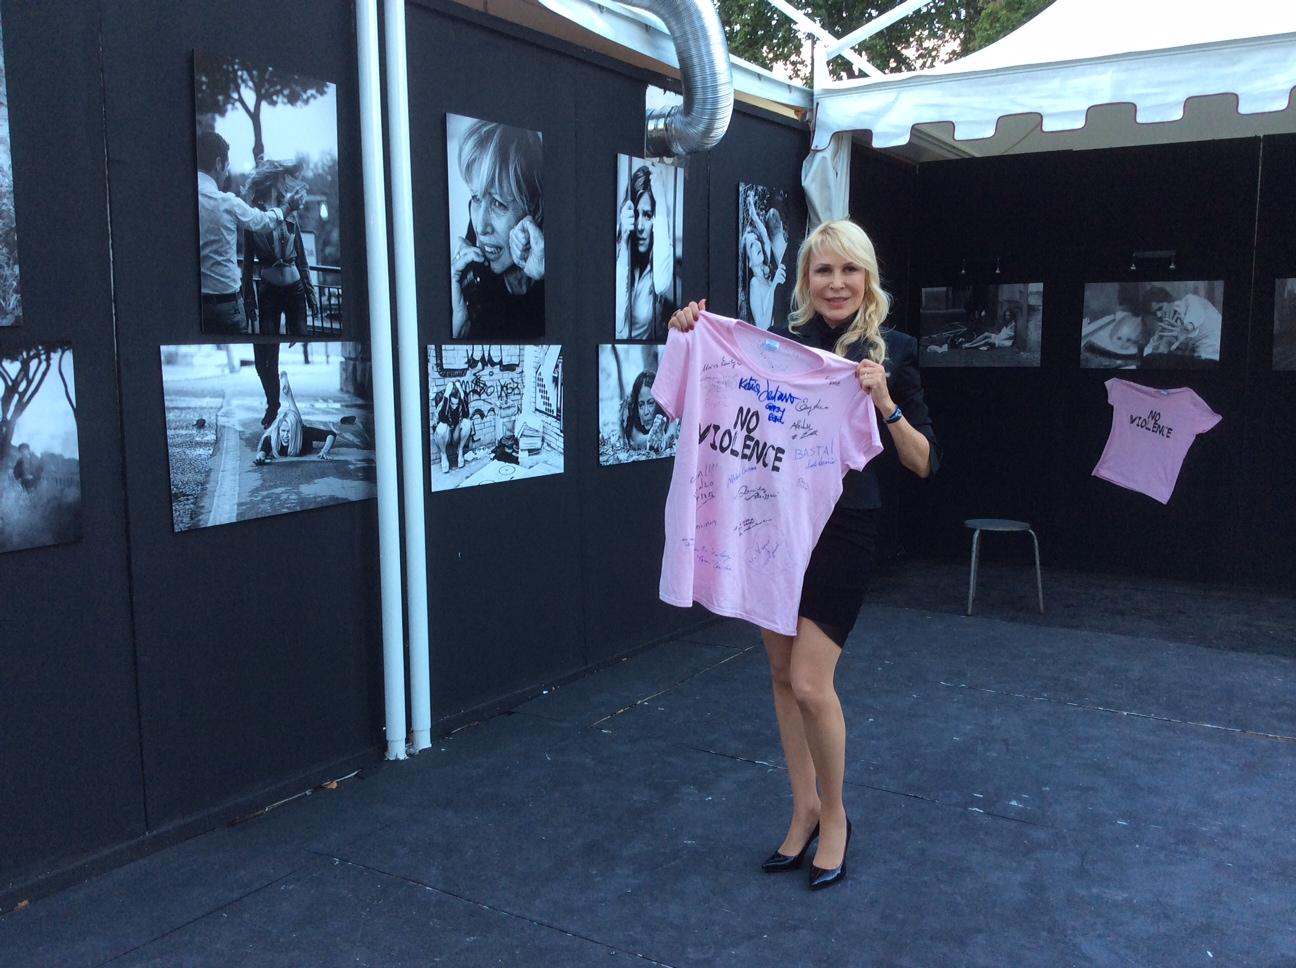 t-shirt - NoViolence - Isola del Cinema - Roma 9 luglio 2014